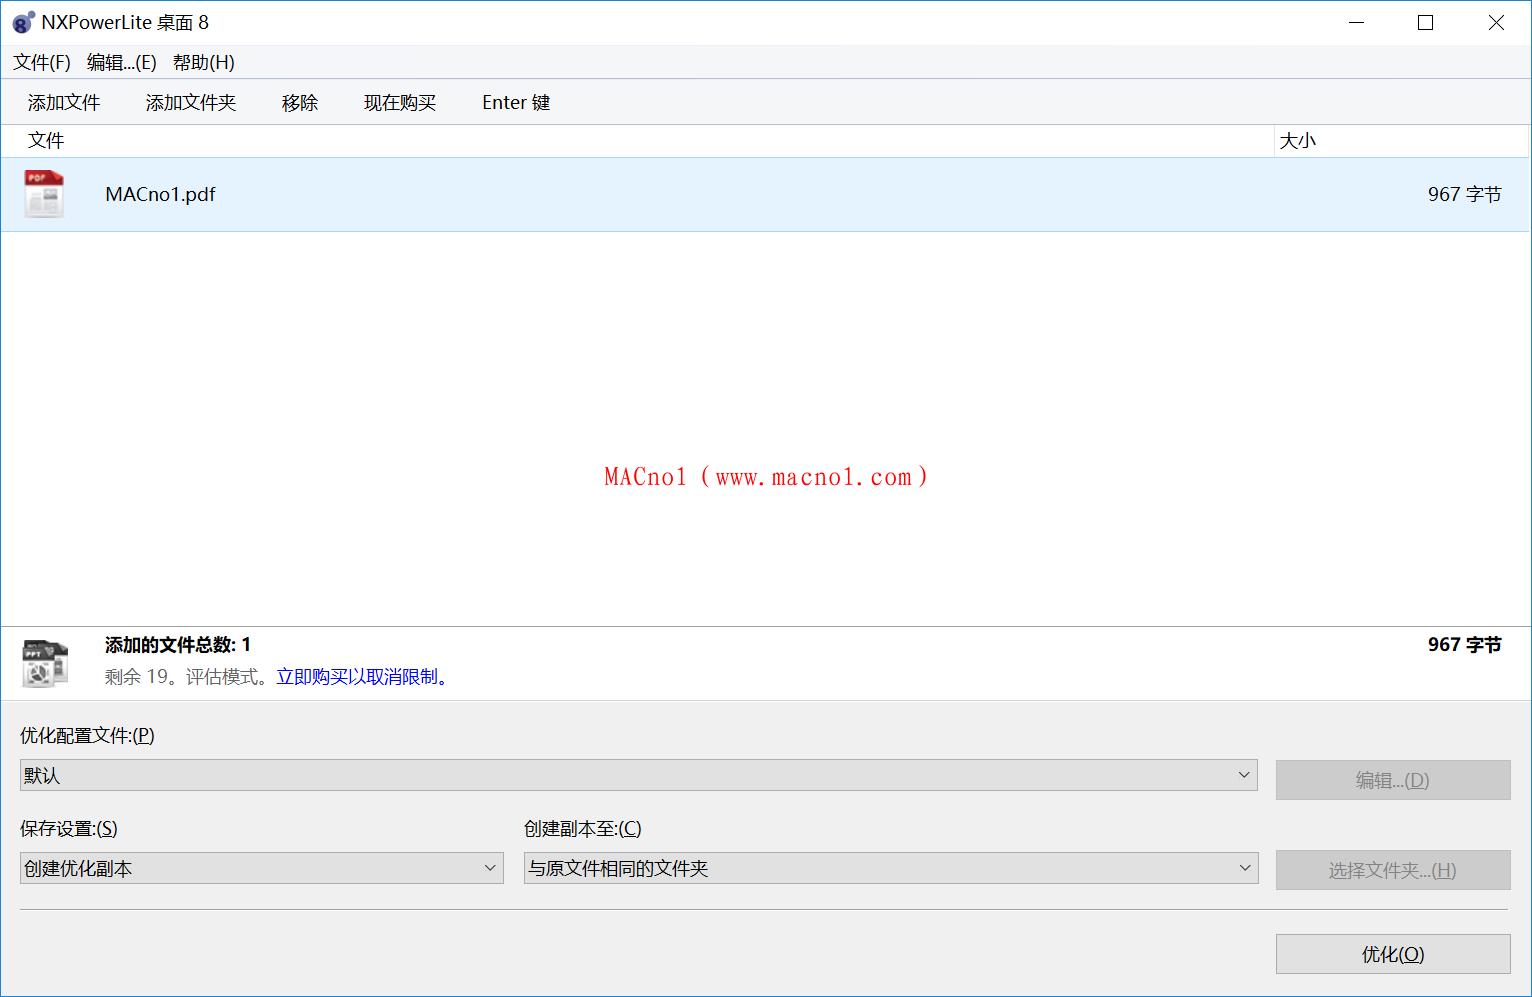 NXPowerLite Desktop 8.png